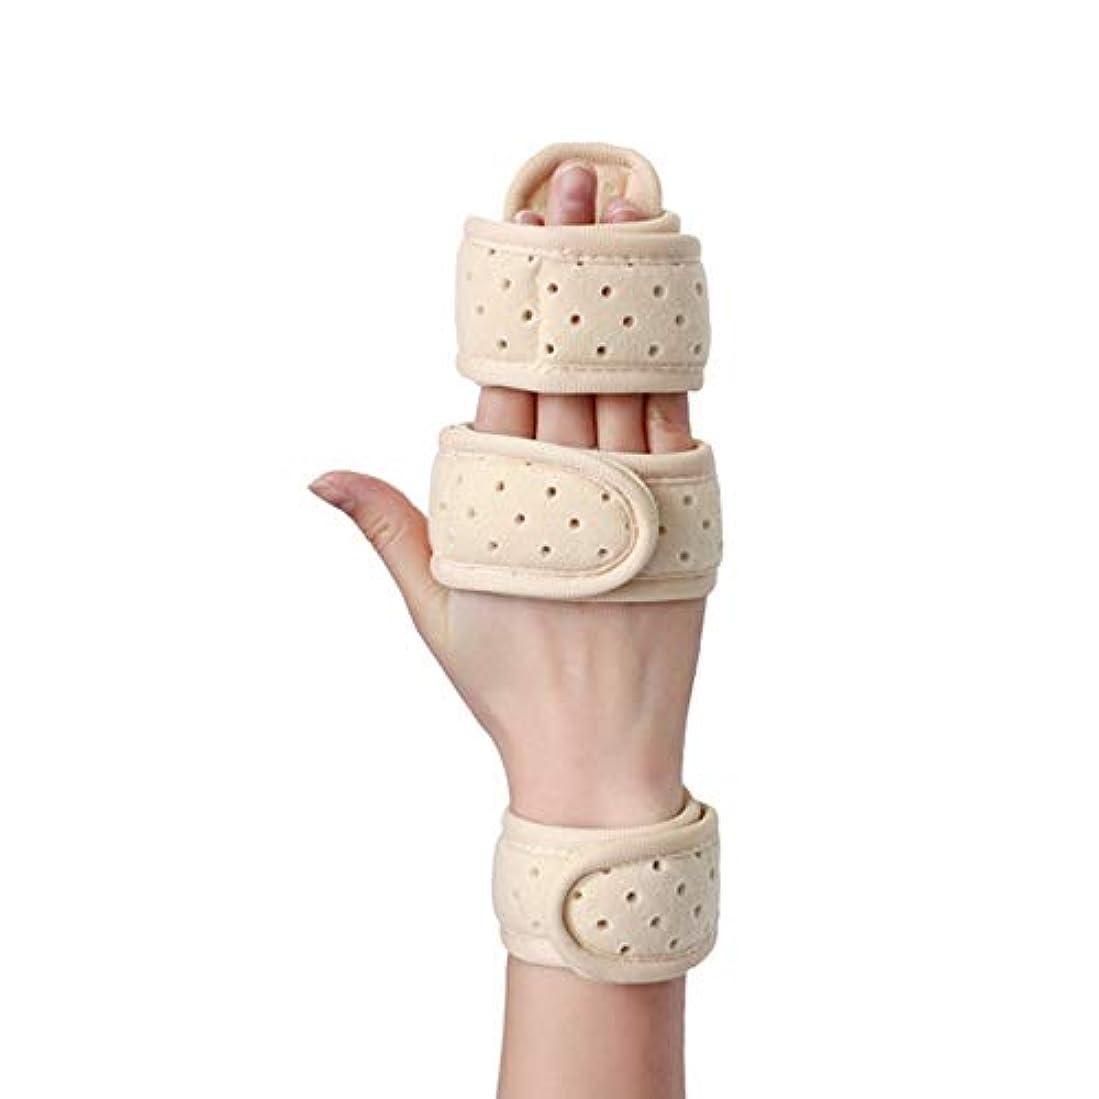 避けられない前投薬全体手首装具、医療用リストバンド、関節炎および腱炎用の快適で調整可能な手首支持装具、痛みを軽減する手首圧迫ラップ